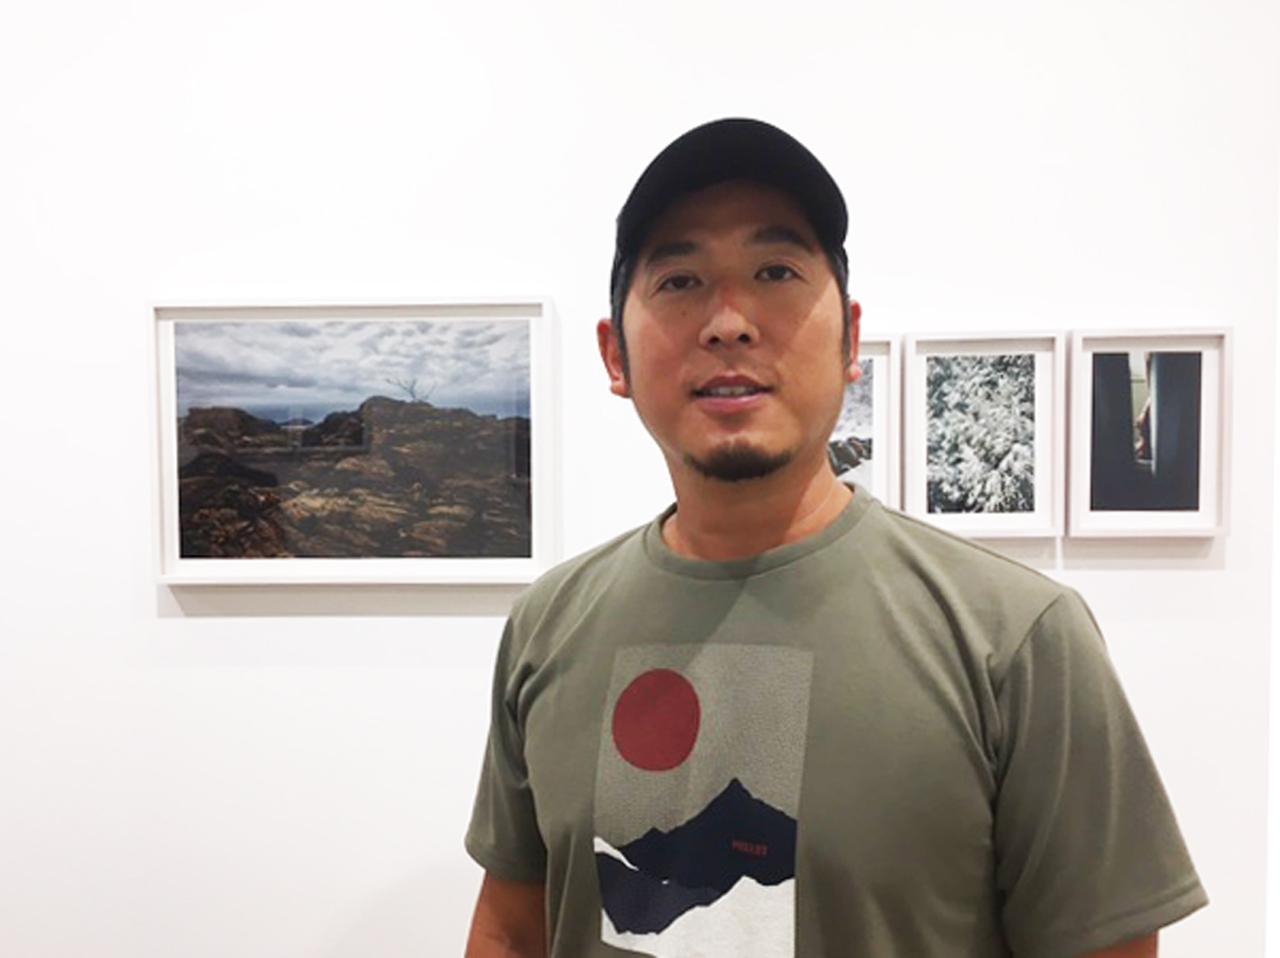 画像: 公文健太郎写真展『光の地形 -Imaginary journey』は、2020年12月刊行の写真集『光の地形』から作品を厳選し展示するものです。